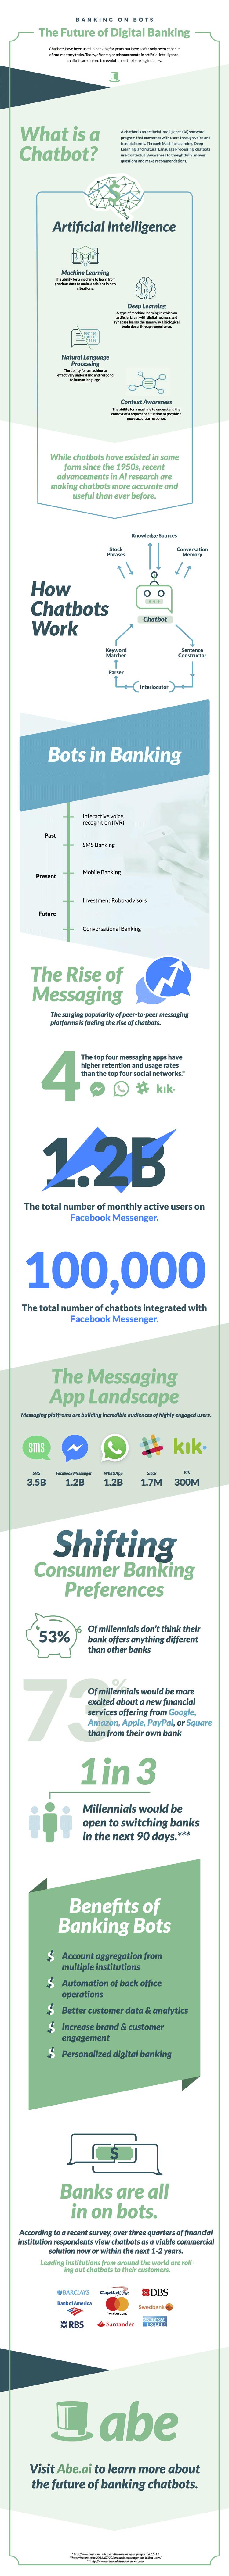 Infografik: Chatbots und Digital Banking der Zukunft